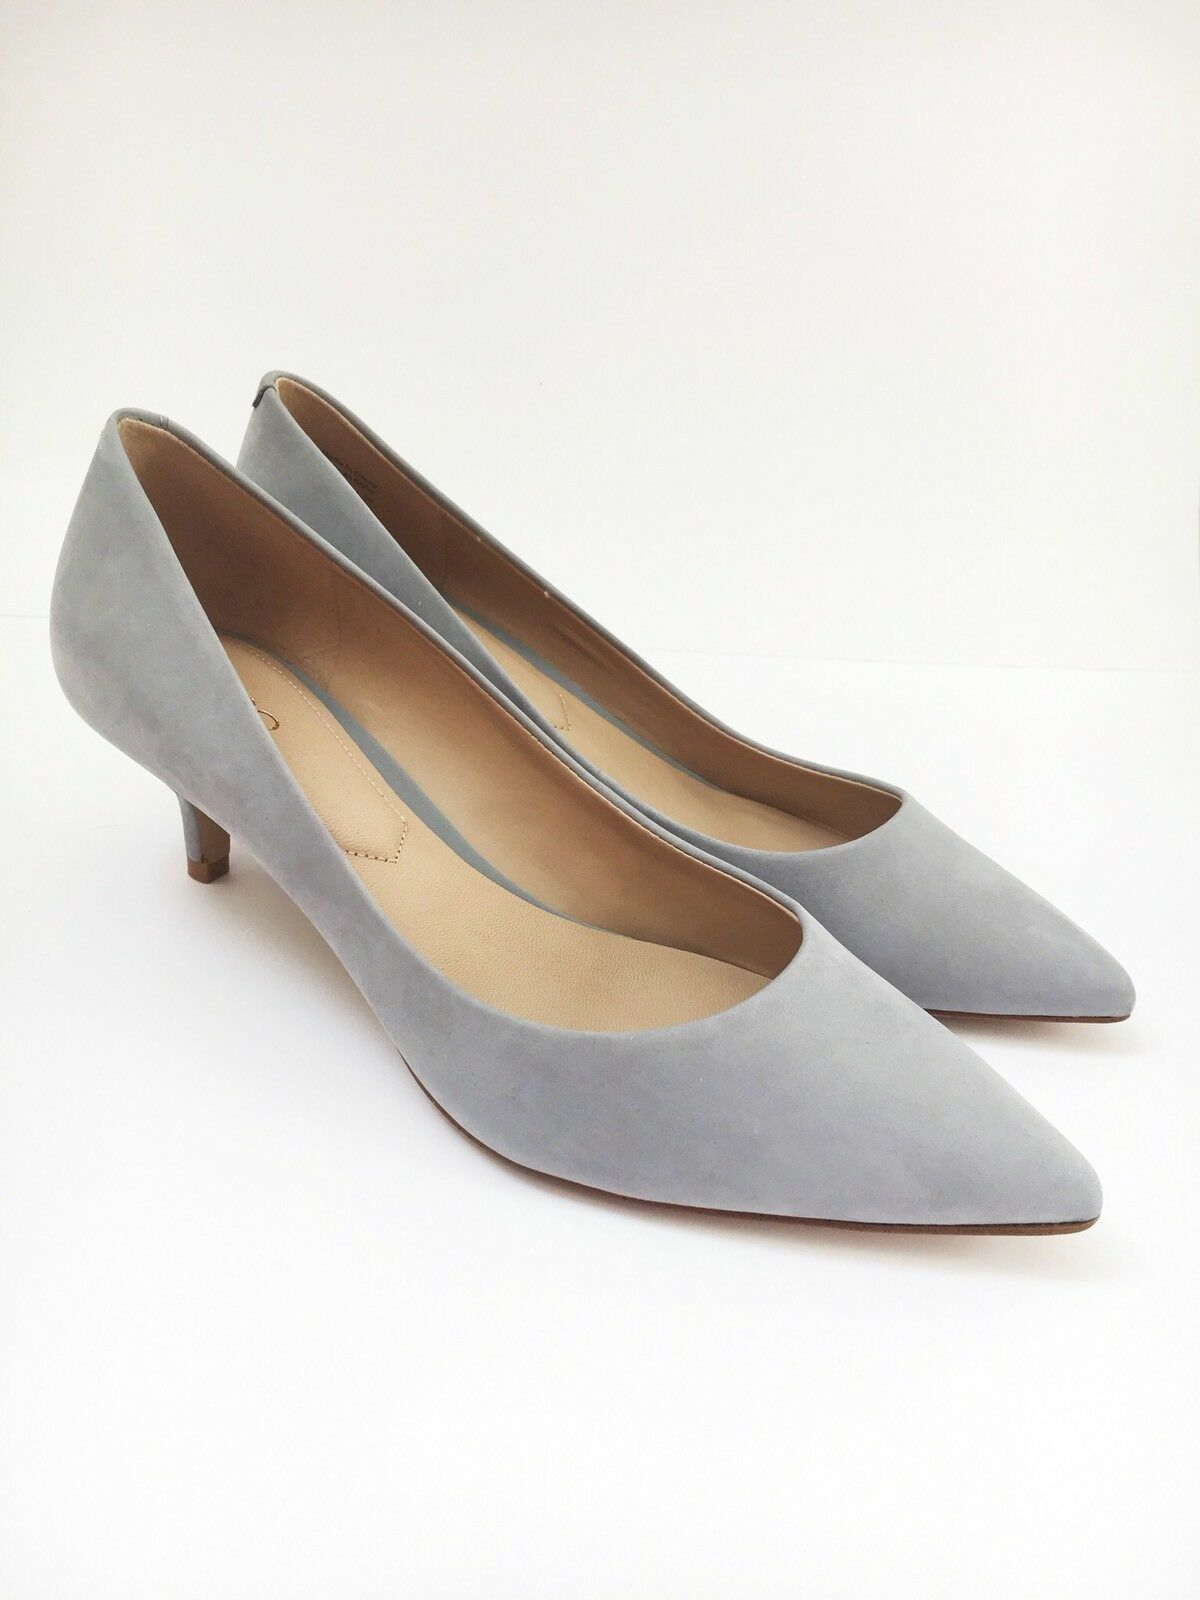 Aldo Aldo Aldo gris Gatito Tacón de gamuza legítima Couet zapatos talla 5  envío gratuito a nivel mundial